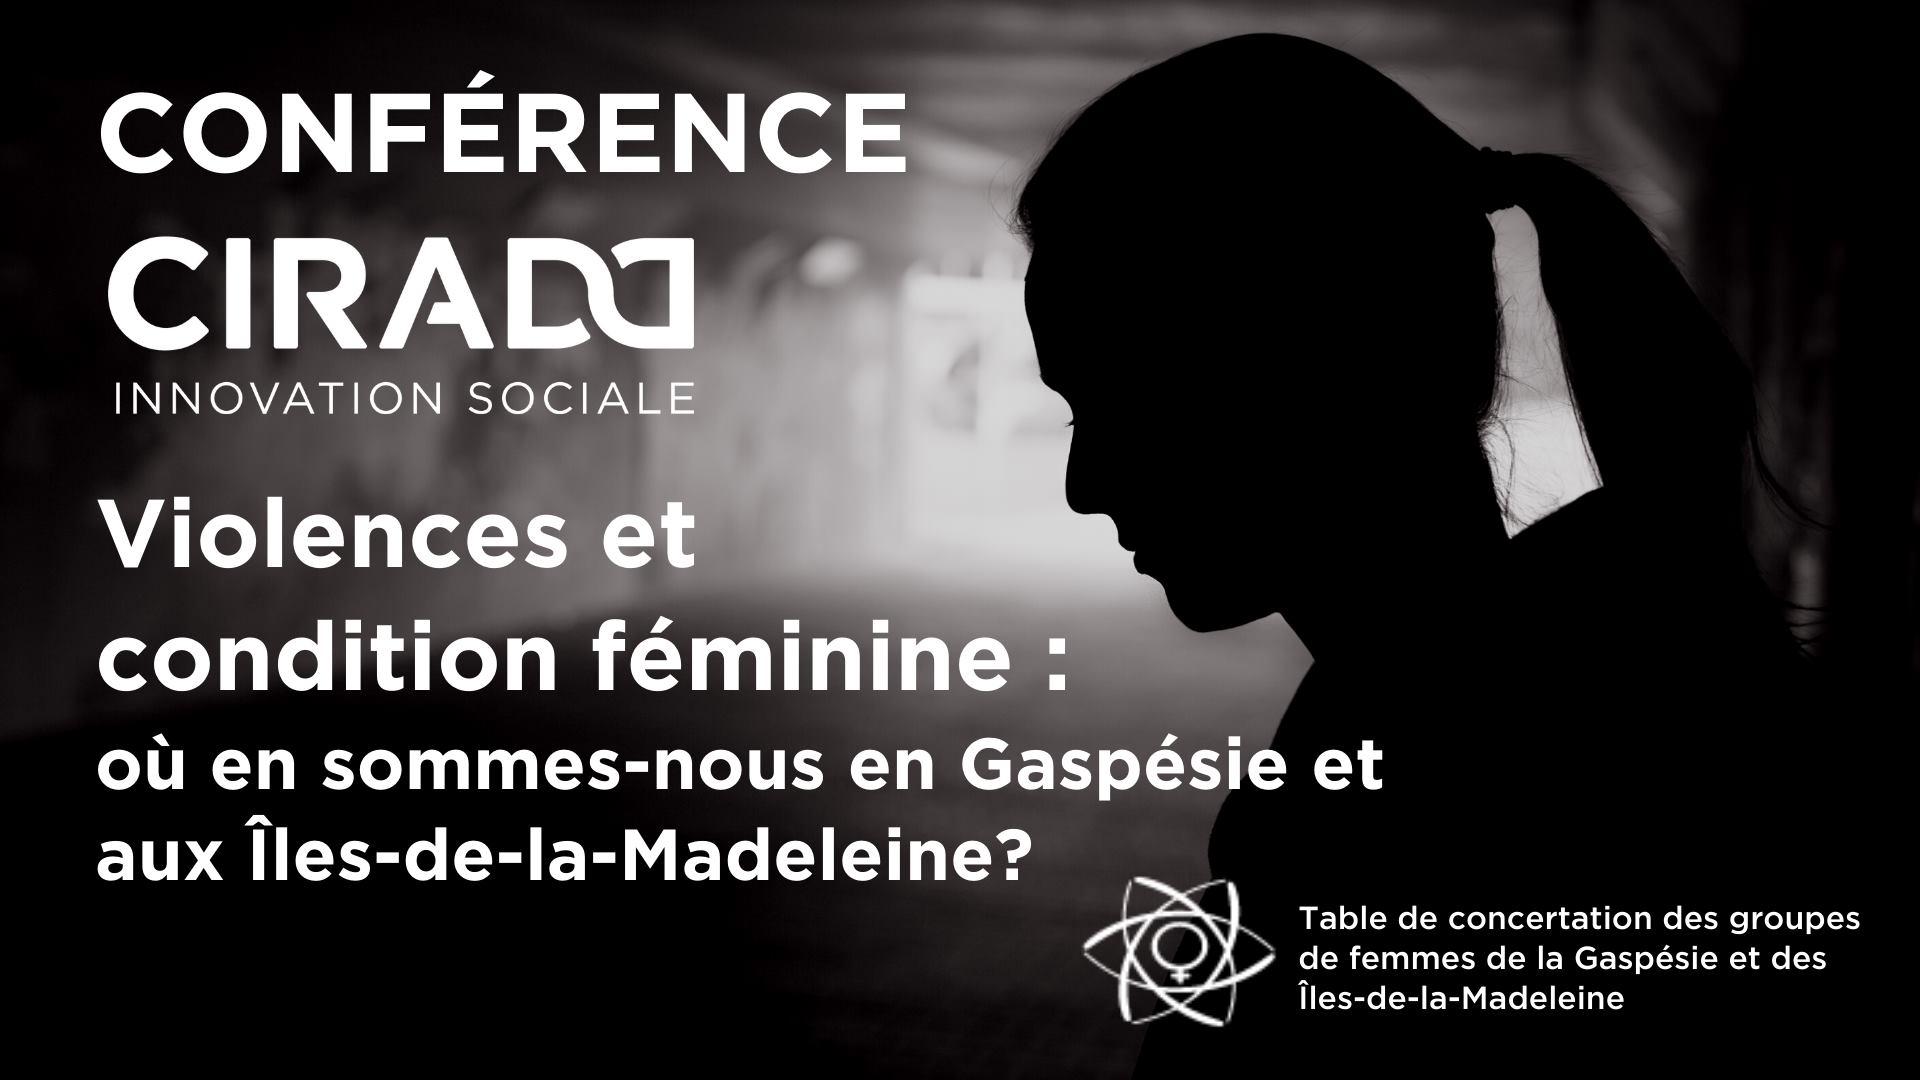 Violences et condition féminine : Ou en sommes-nous en Gaspésie ?